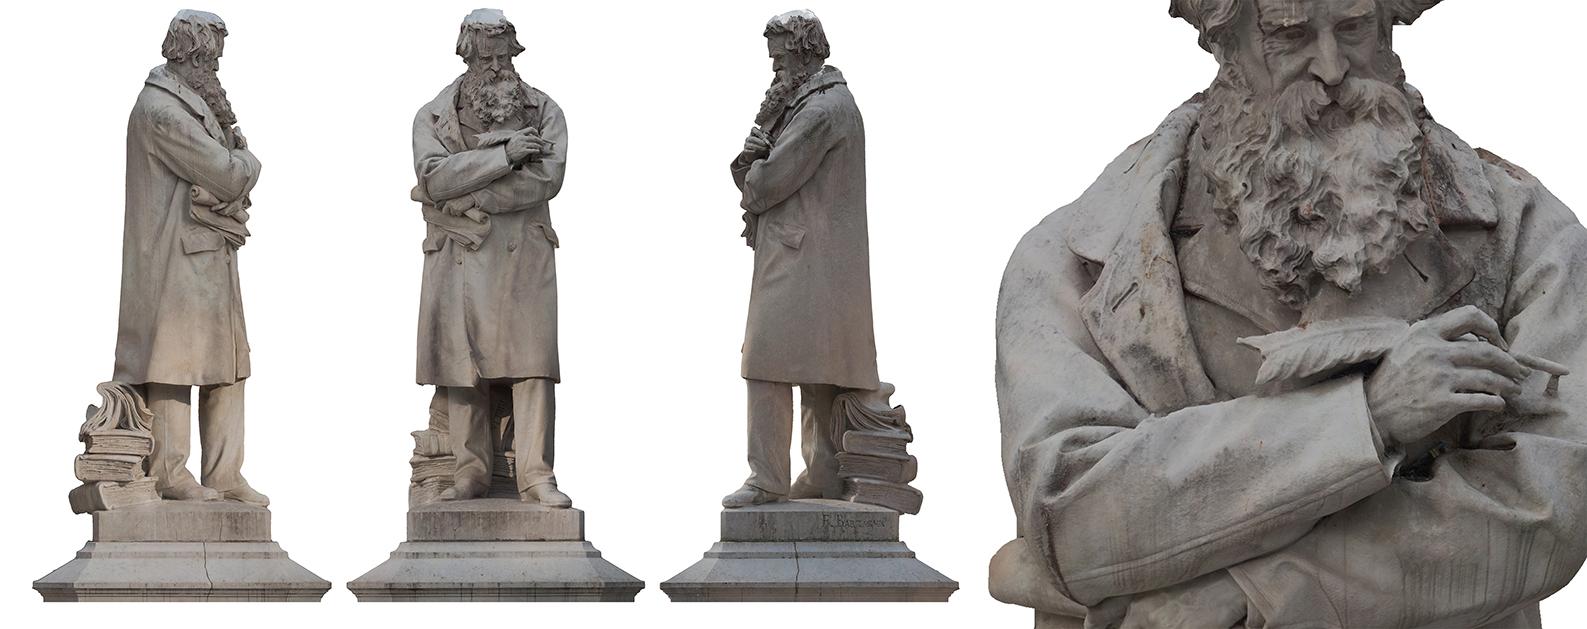 Rilievo fotogrammetrico statua di Nicolò Tommaseo, Campo Santo Stefano - Venezia. Francesco Barzaghi (Milano 1839)